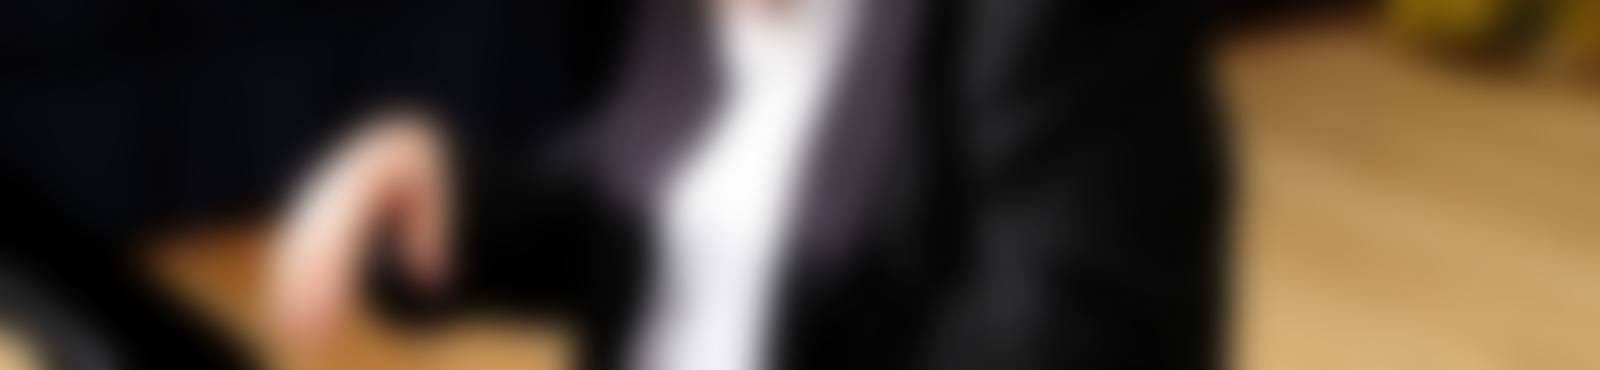 Blurred 06eb2e06 8591 4d6e 909f 848069fe5715